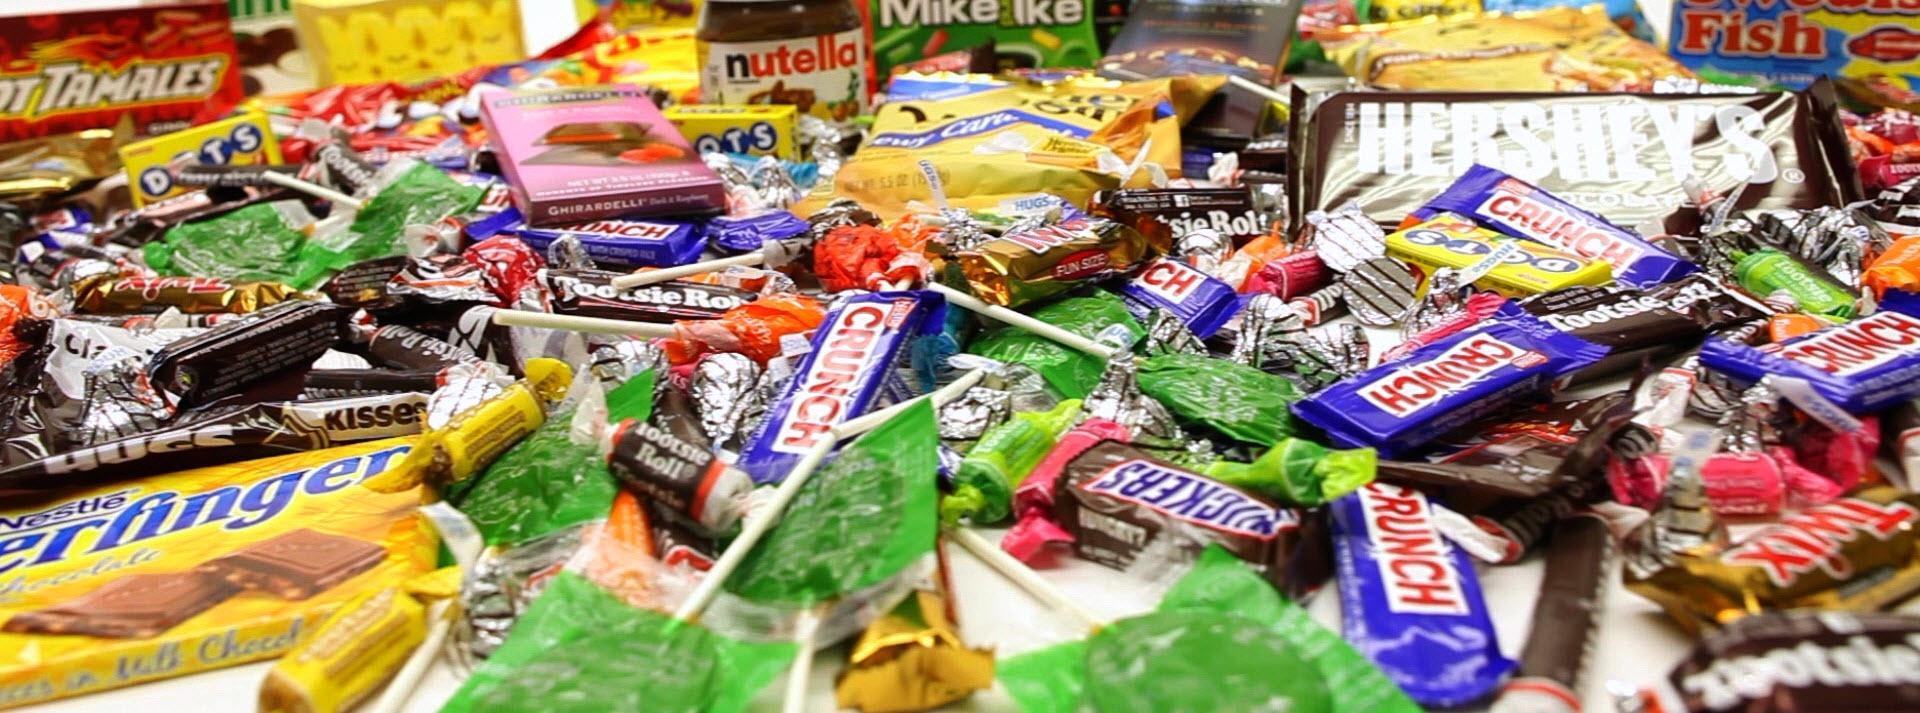 candy-0n-table-crop-1.jpg